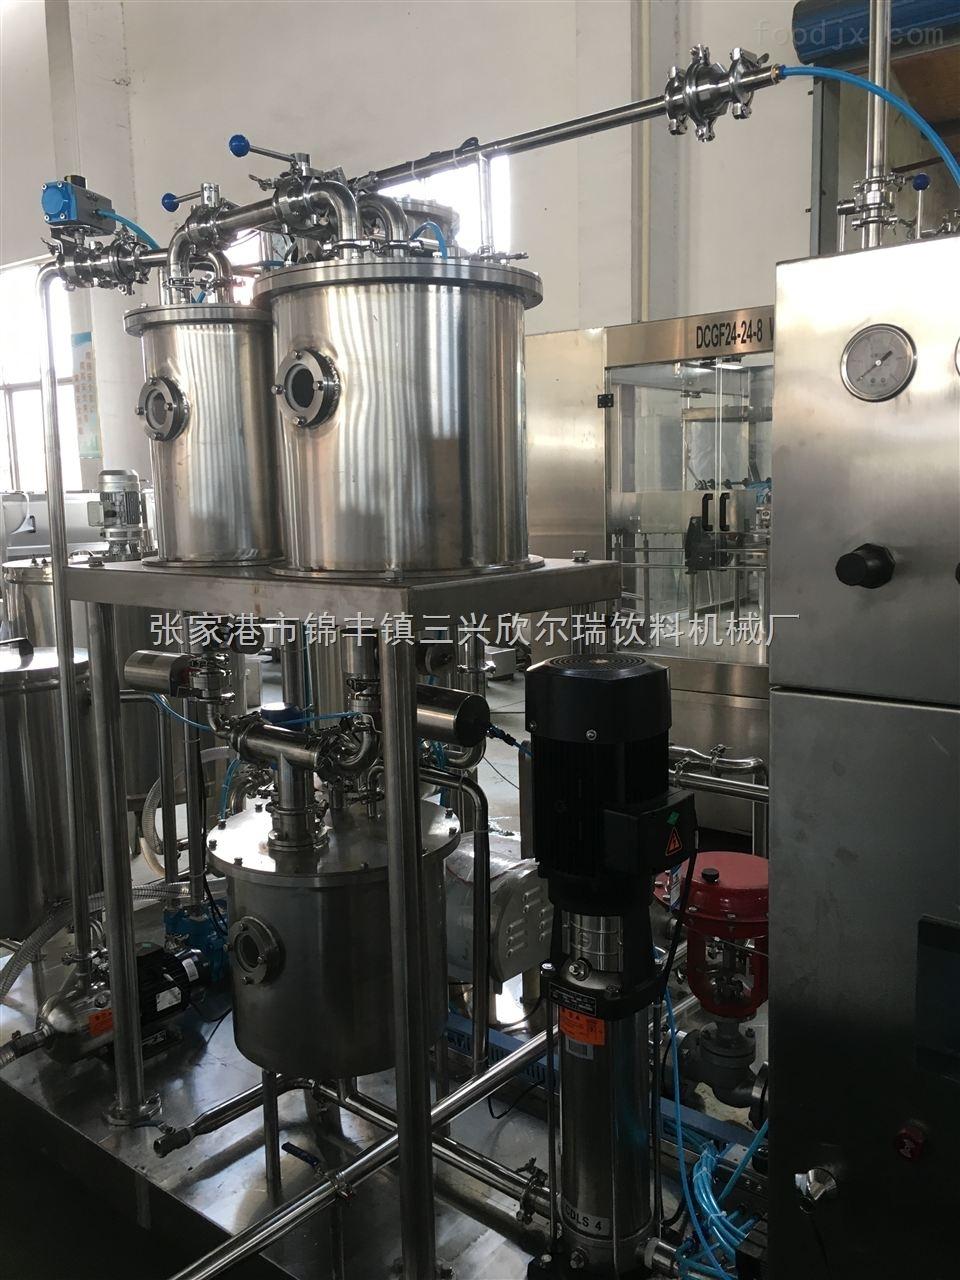 瓶装含气饮料灌装机生产线设备